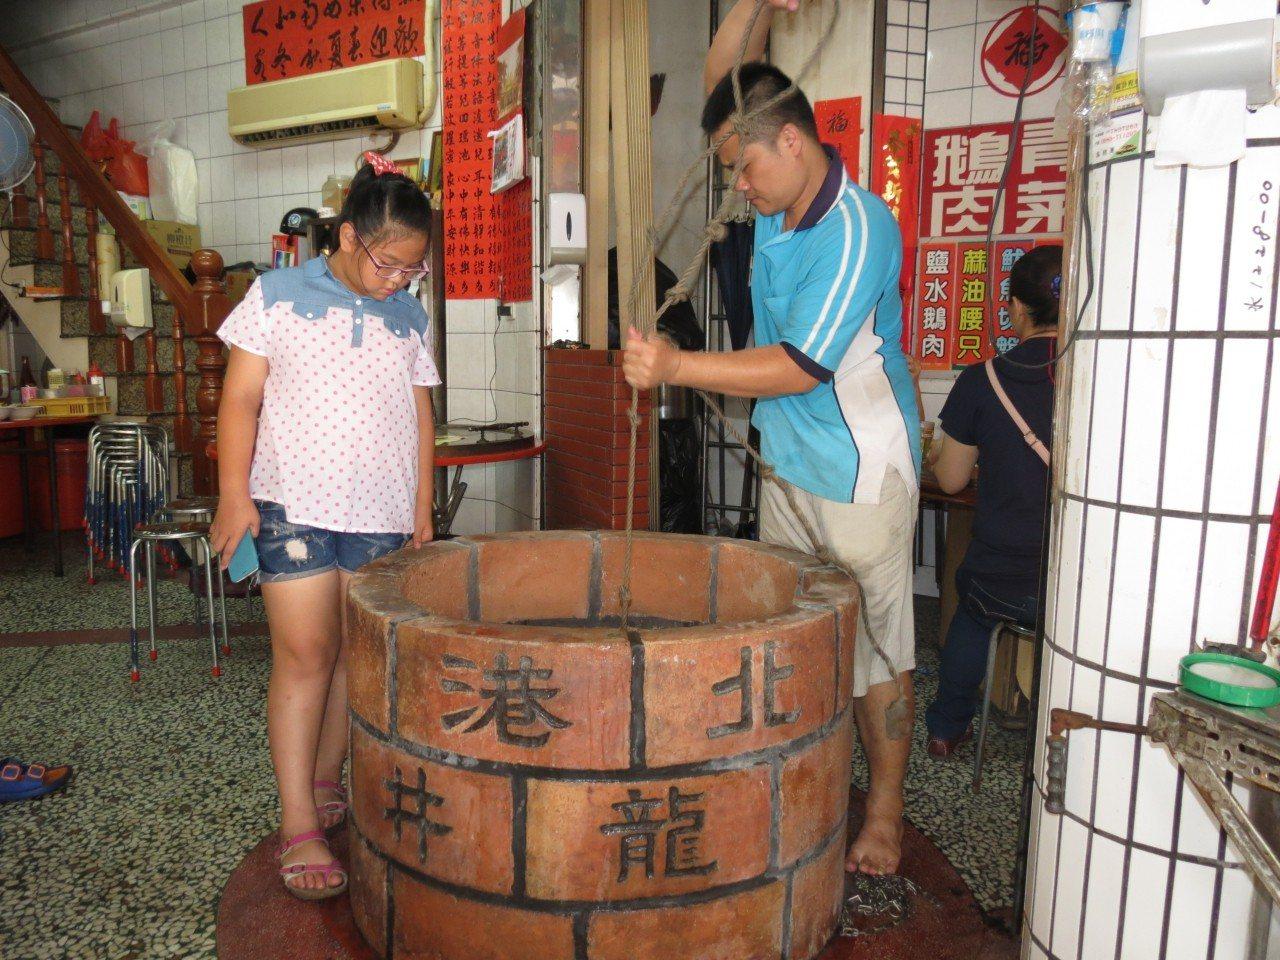 奇!北港3百年古井清澈如初 民眾爭汲「午時水」解毒